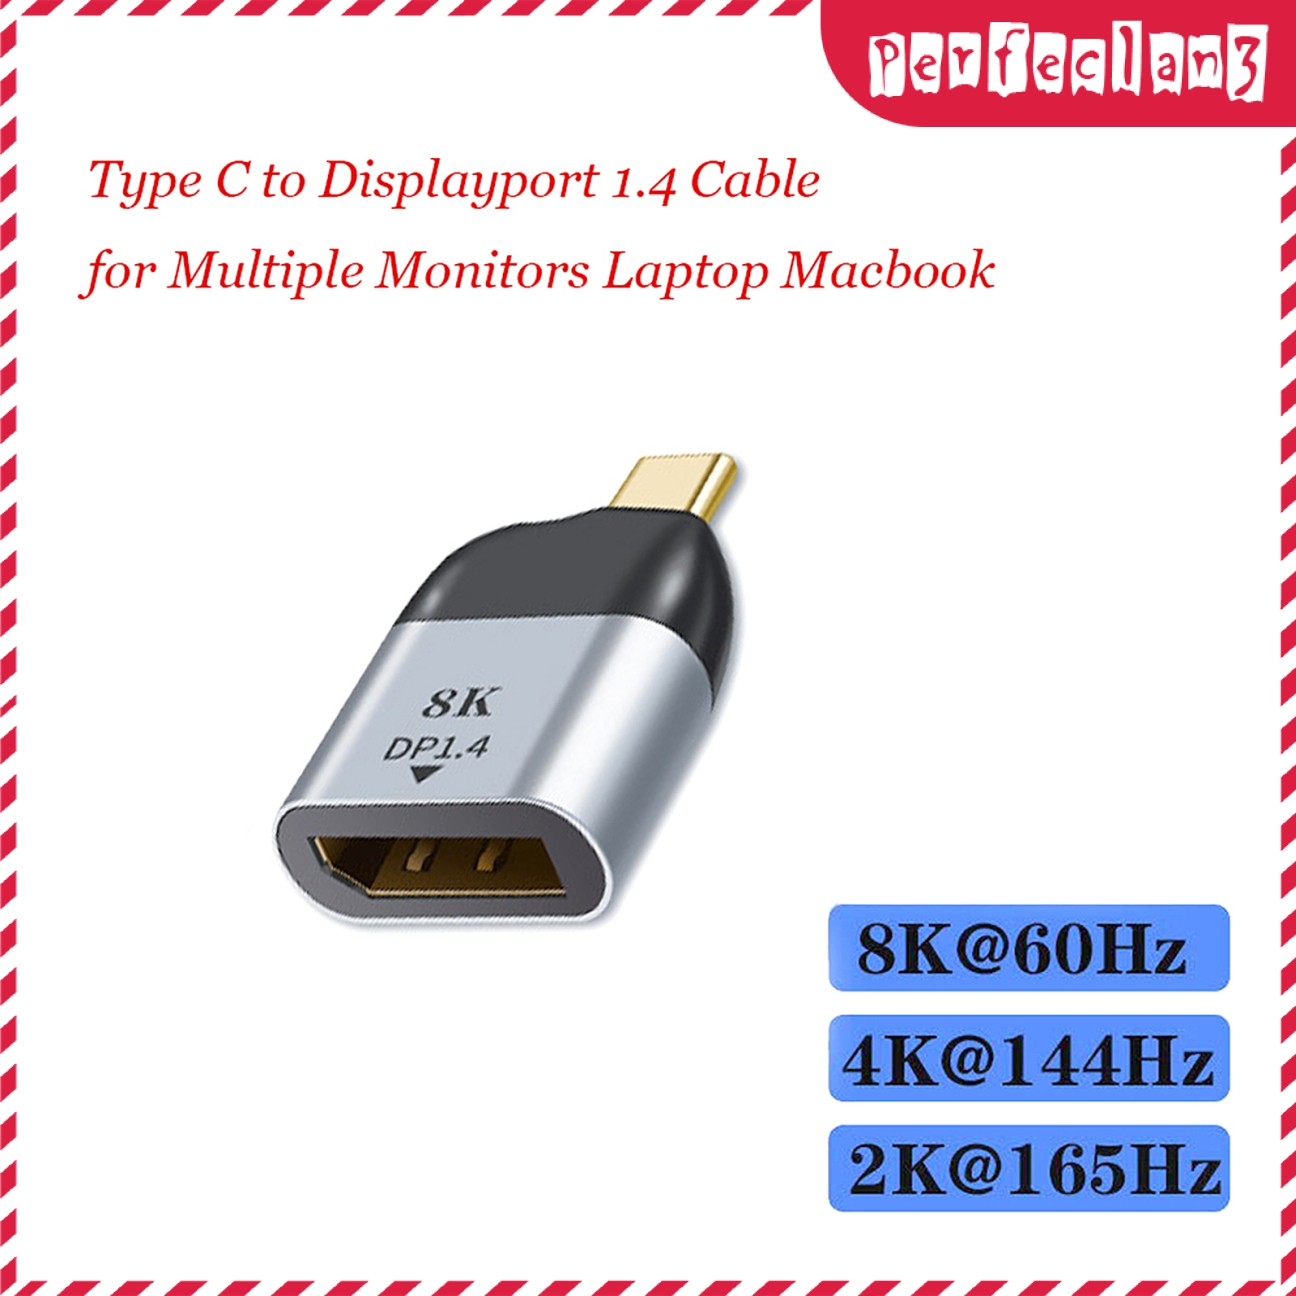 Cáp Chuyển Đổi Cổng Usb C Sang Dp 8k 60hz Cho Macbook Pro